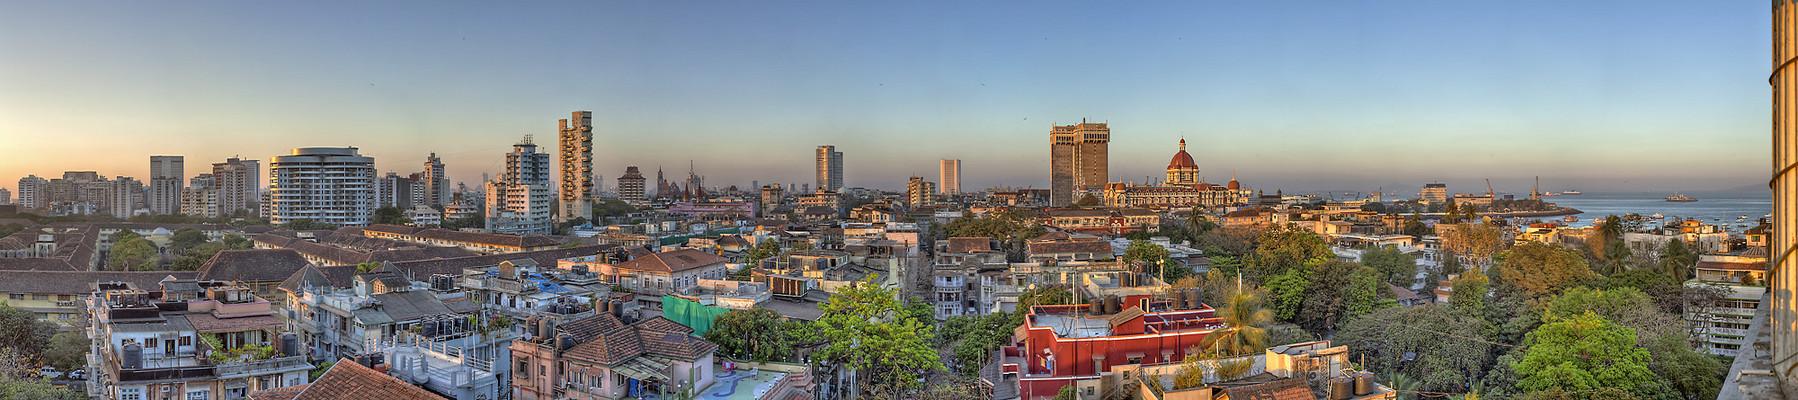 Skyline of Mumbai/India at sunset III